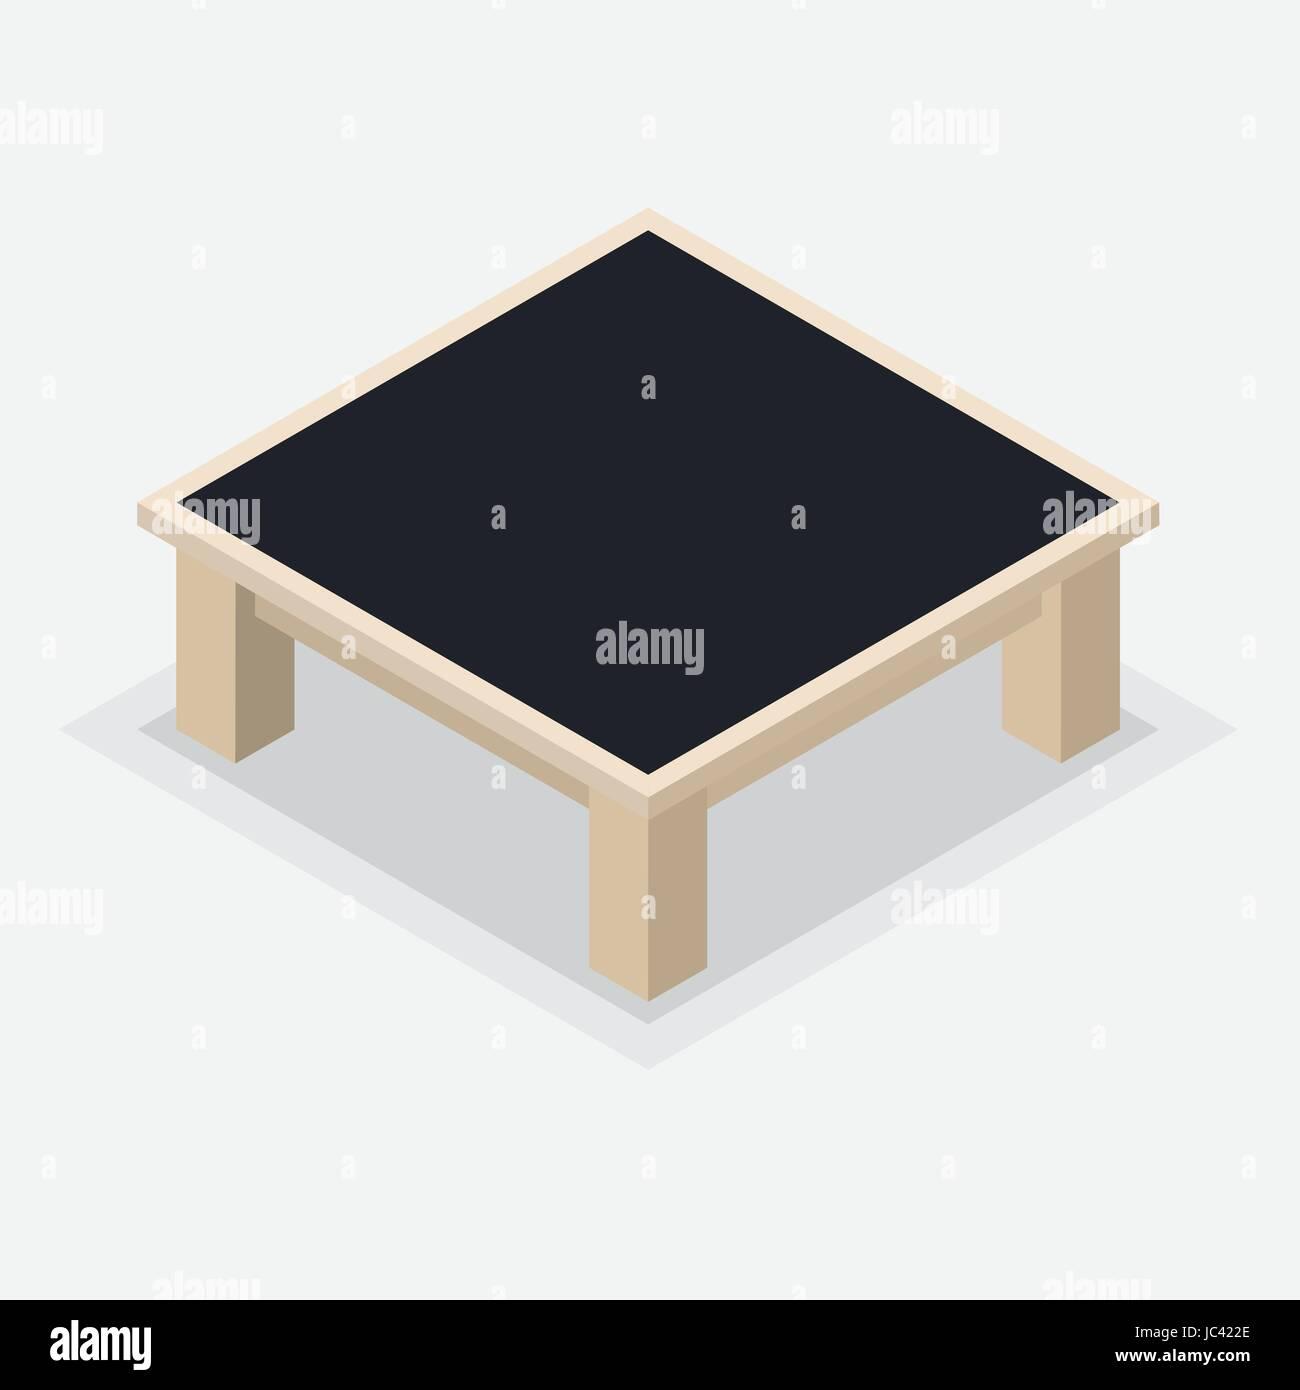 Table basse en bois isolé. Table carrée et des jambes courtes, style isométrique sur fond blanc - Vector illustration. Illustration de Vecteur